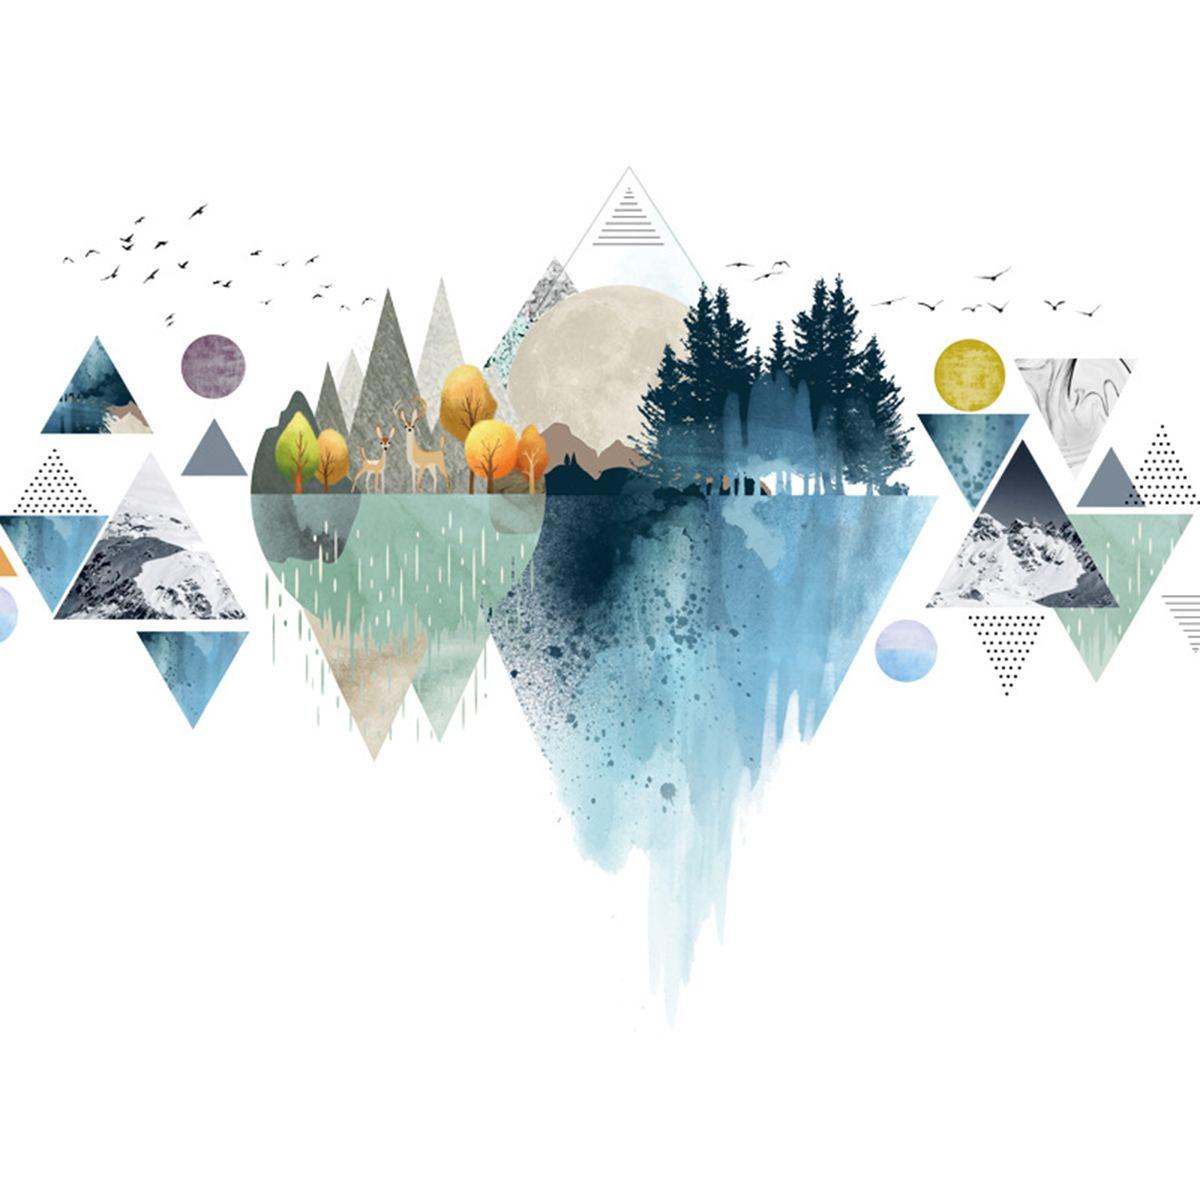 DIY triángulo nórdico montaña pegatinas de pared casa decoración salón Decoración habitación mural arte etiqueta de la pared-pósteres adhesivos Iluminación LED de araña moderna, accesorios de hierro negro 4 6 8, lámpara de techo de Rama, lámpara Industrial Vintage para sala de estar y dormitorio